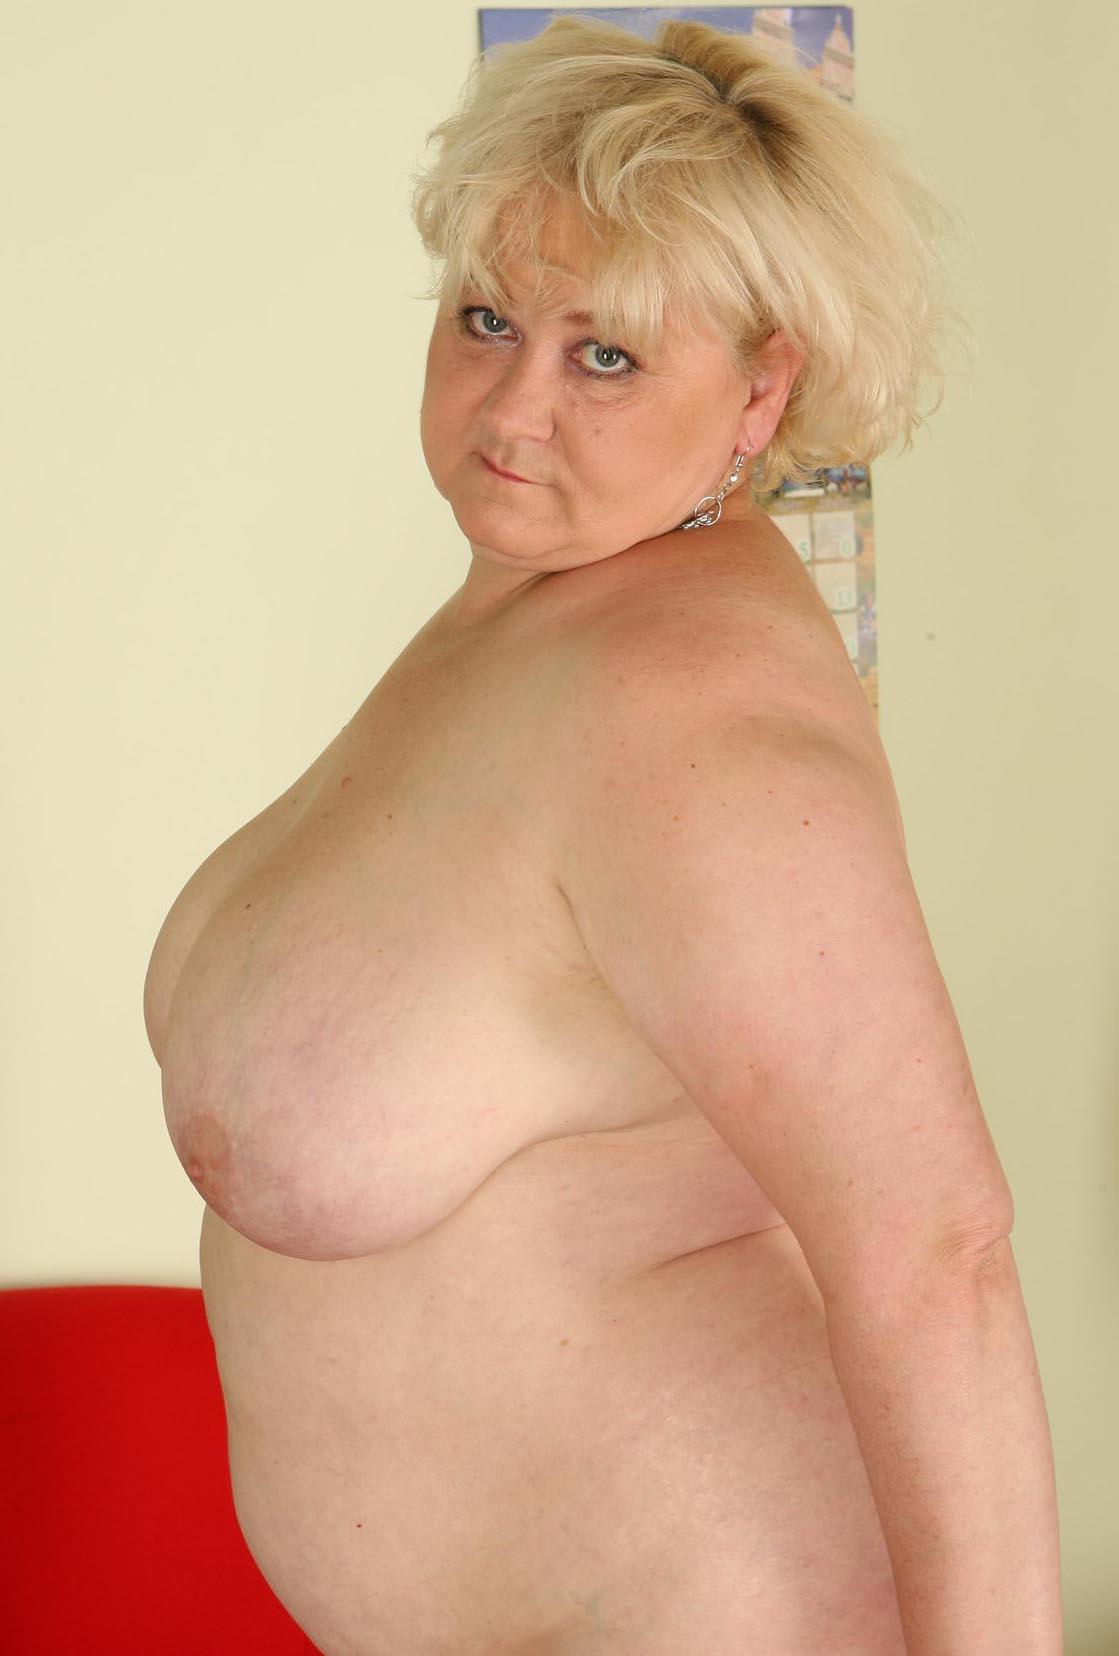 zelda50-older-woman-sex-contacts